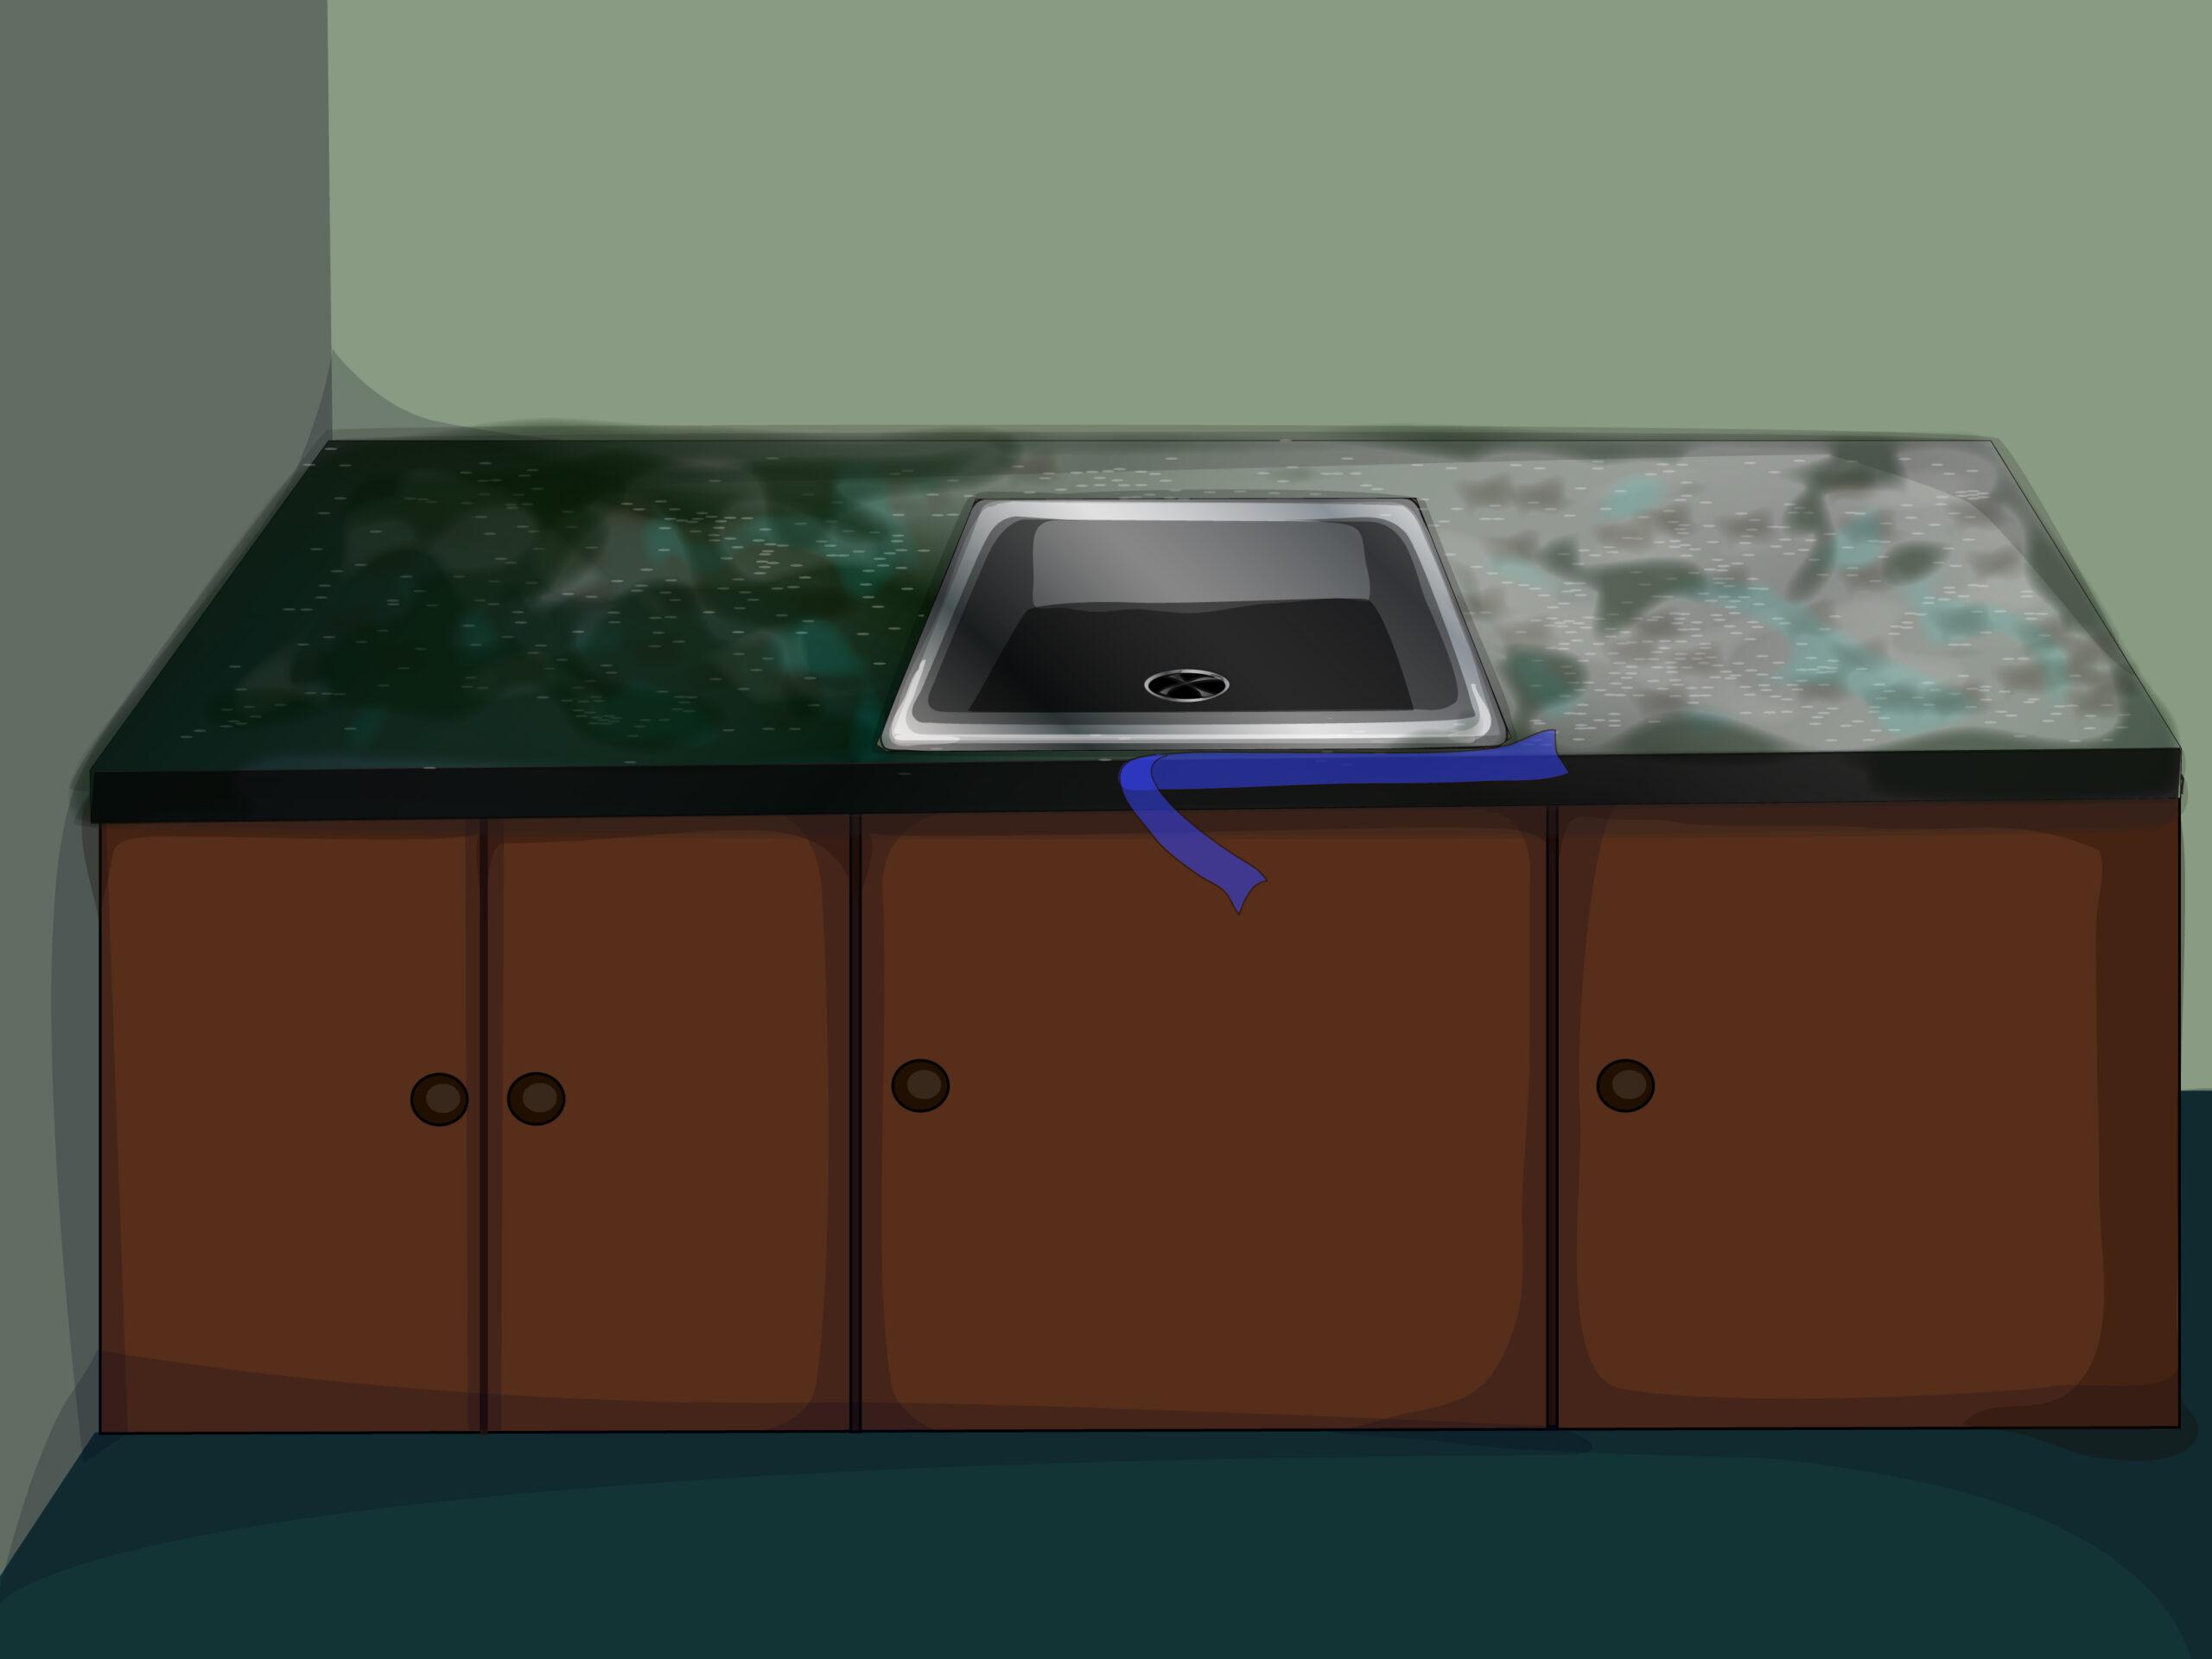 Full Size of Granitplatte Kuche Kratzer Caseconradcom Arbeitsplatten Küche Granitplatten Sideboard Mit Arbeitsplatte Wohnzimmer Granit Arbeitsplatte